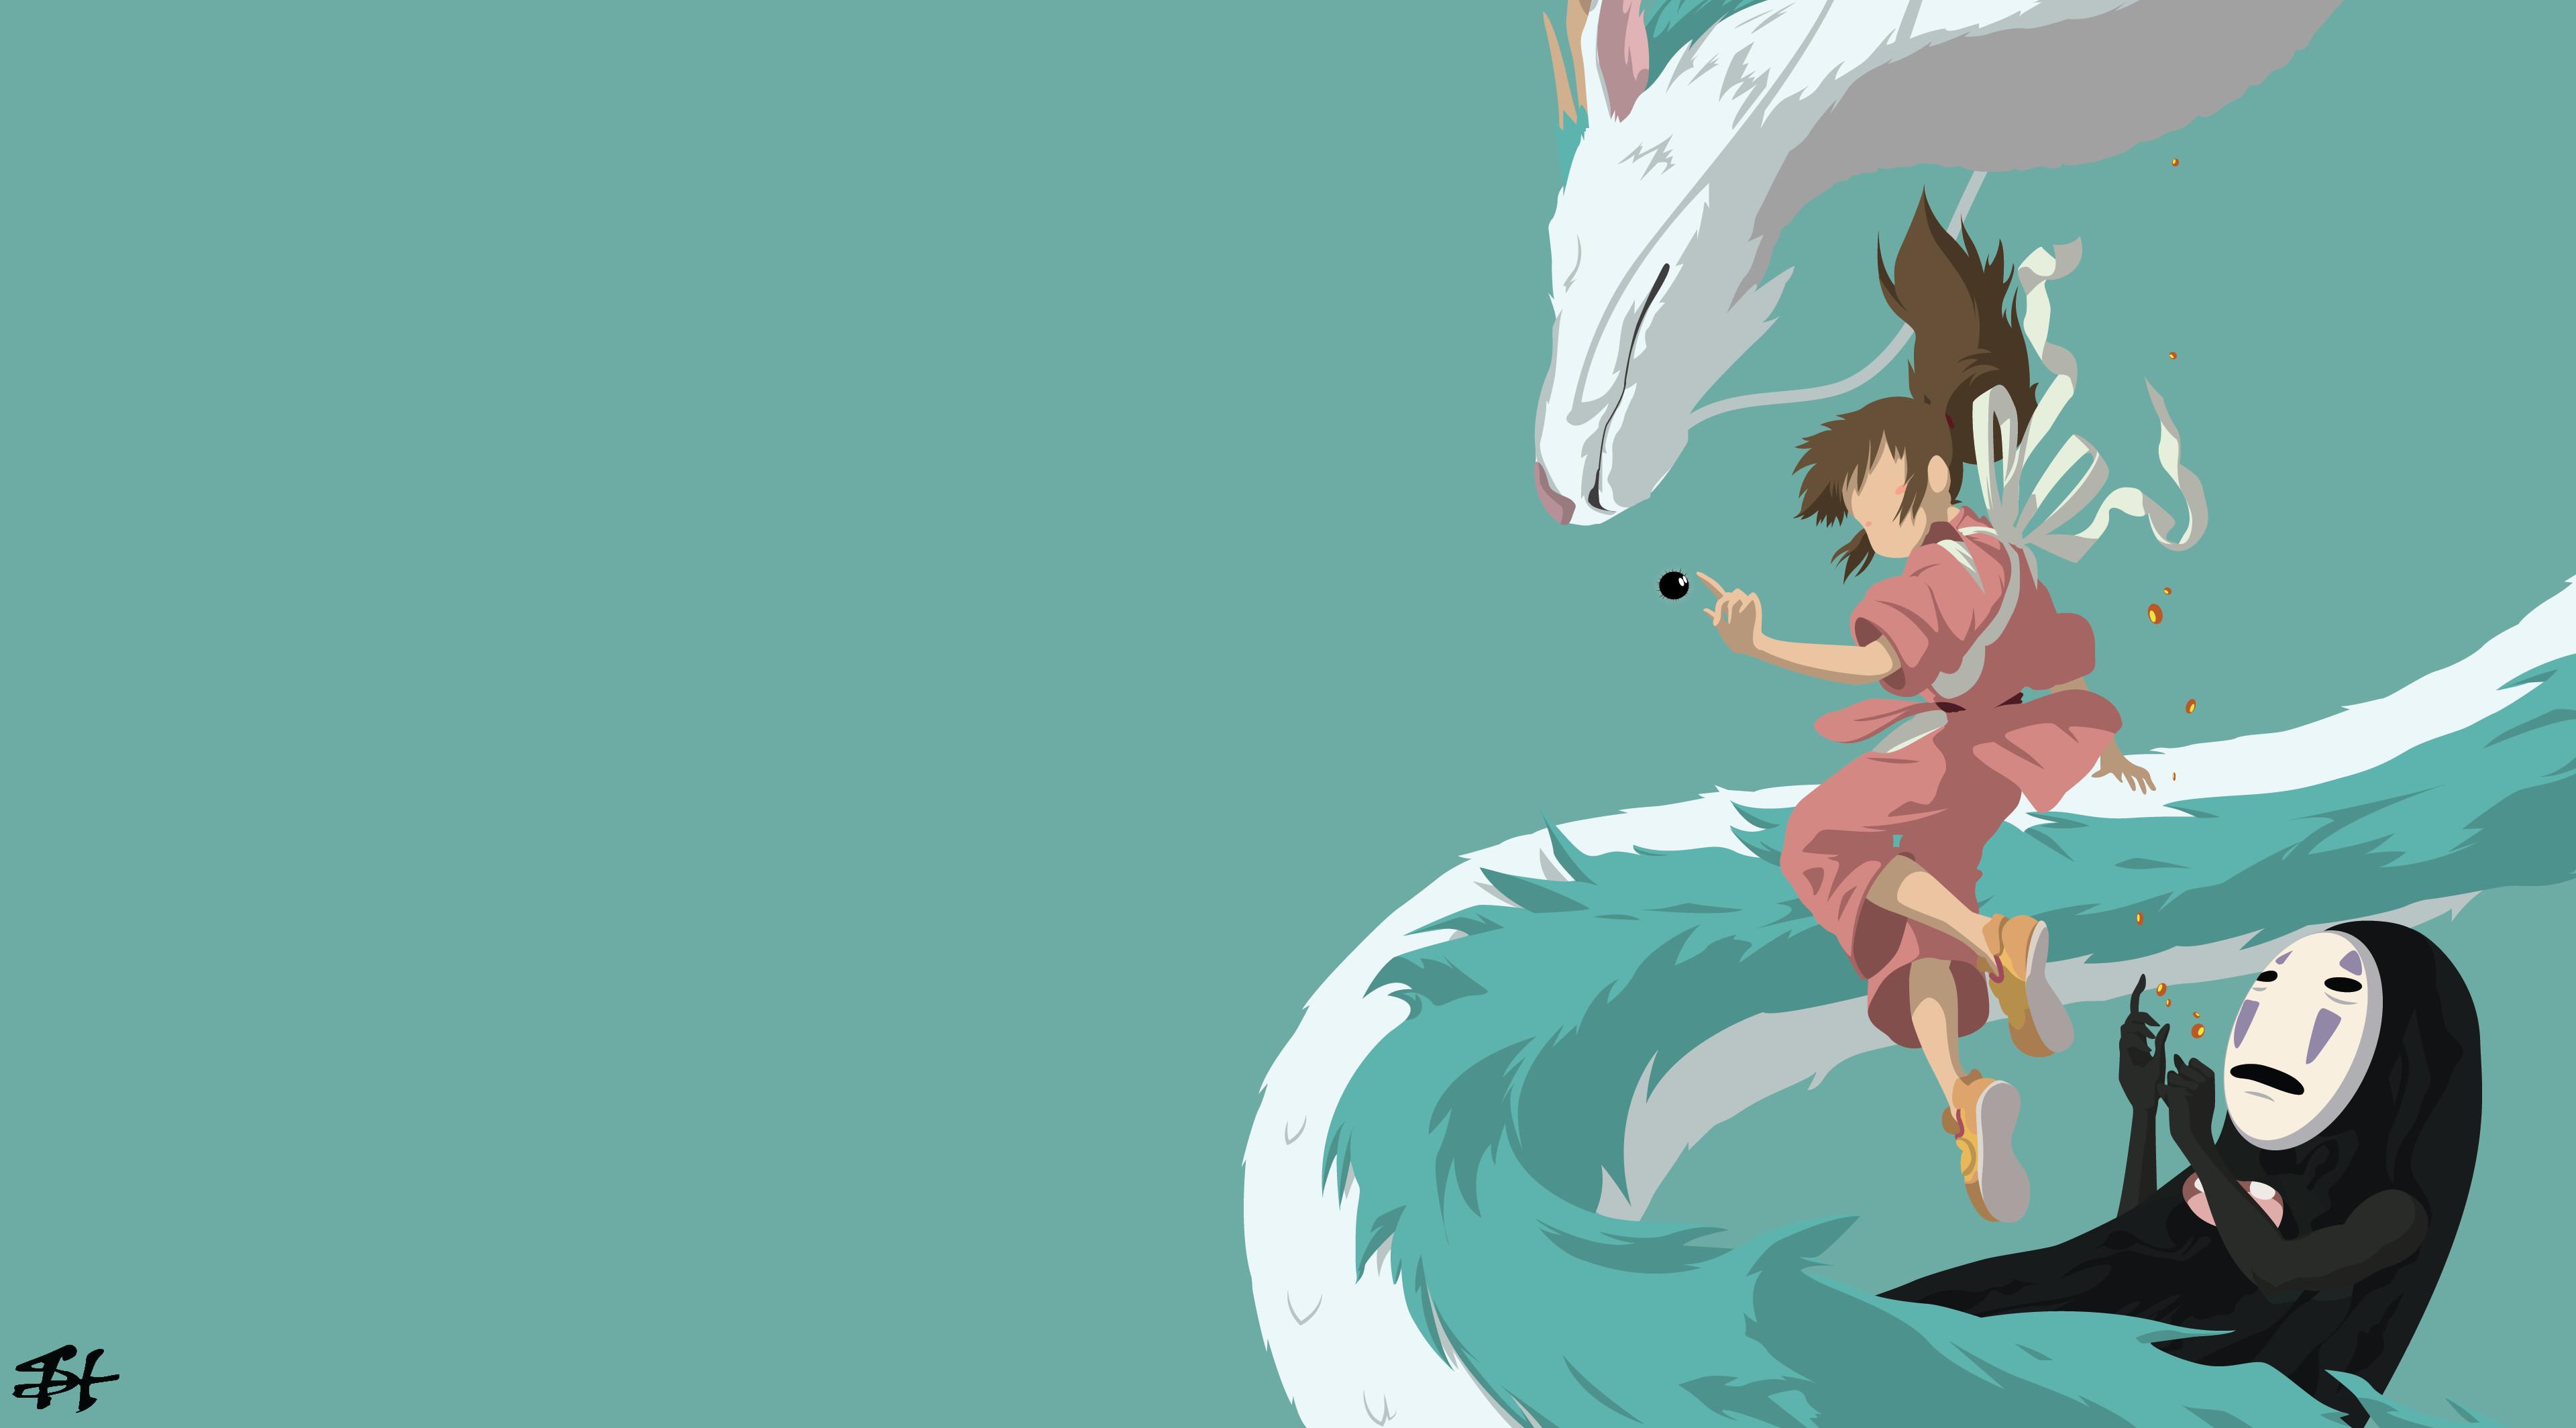 Anime Spirited Away Chihiro minimalism